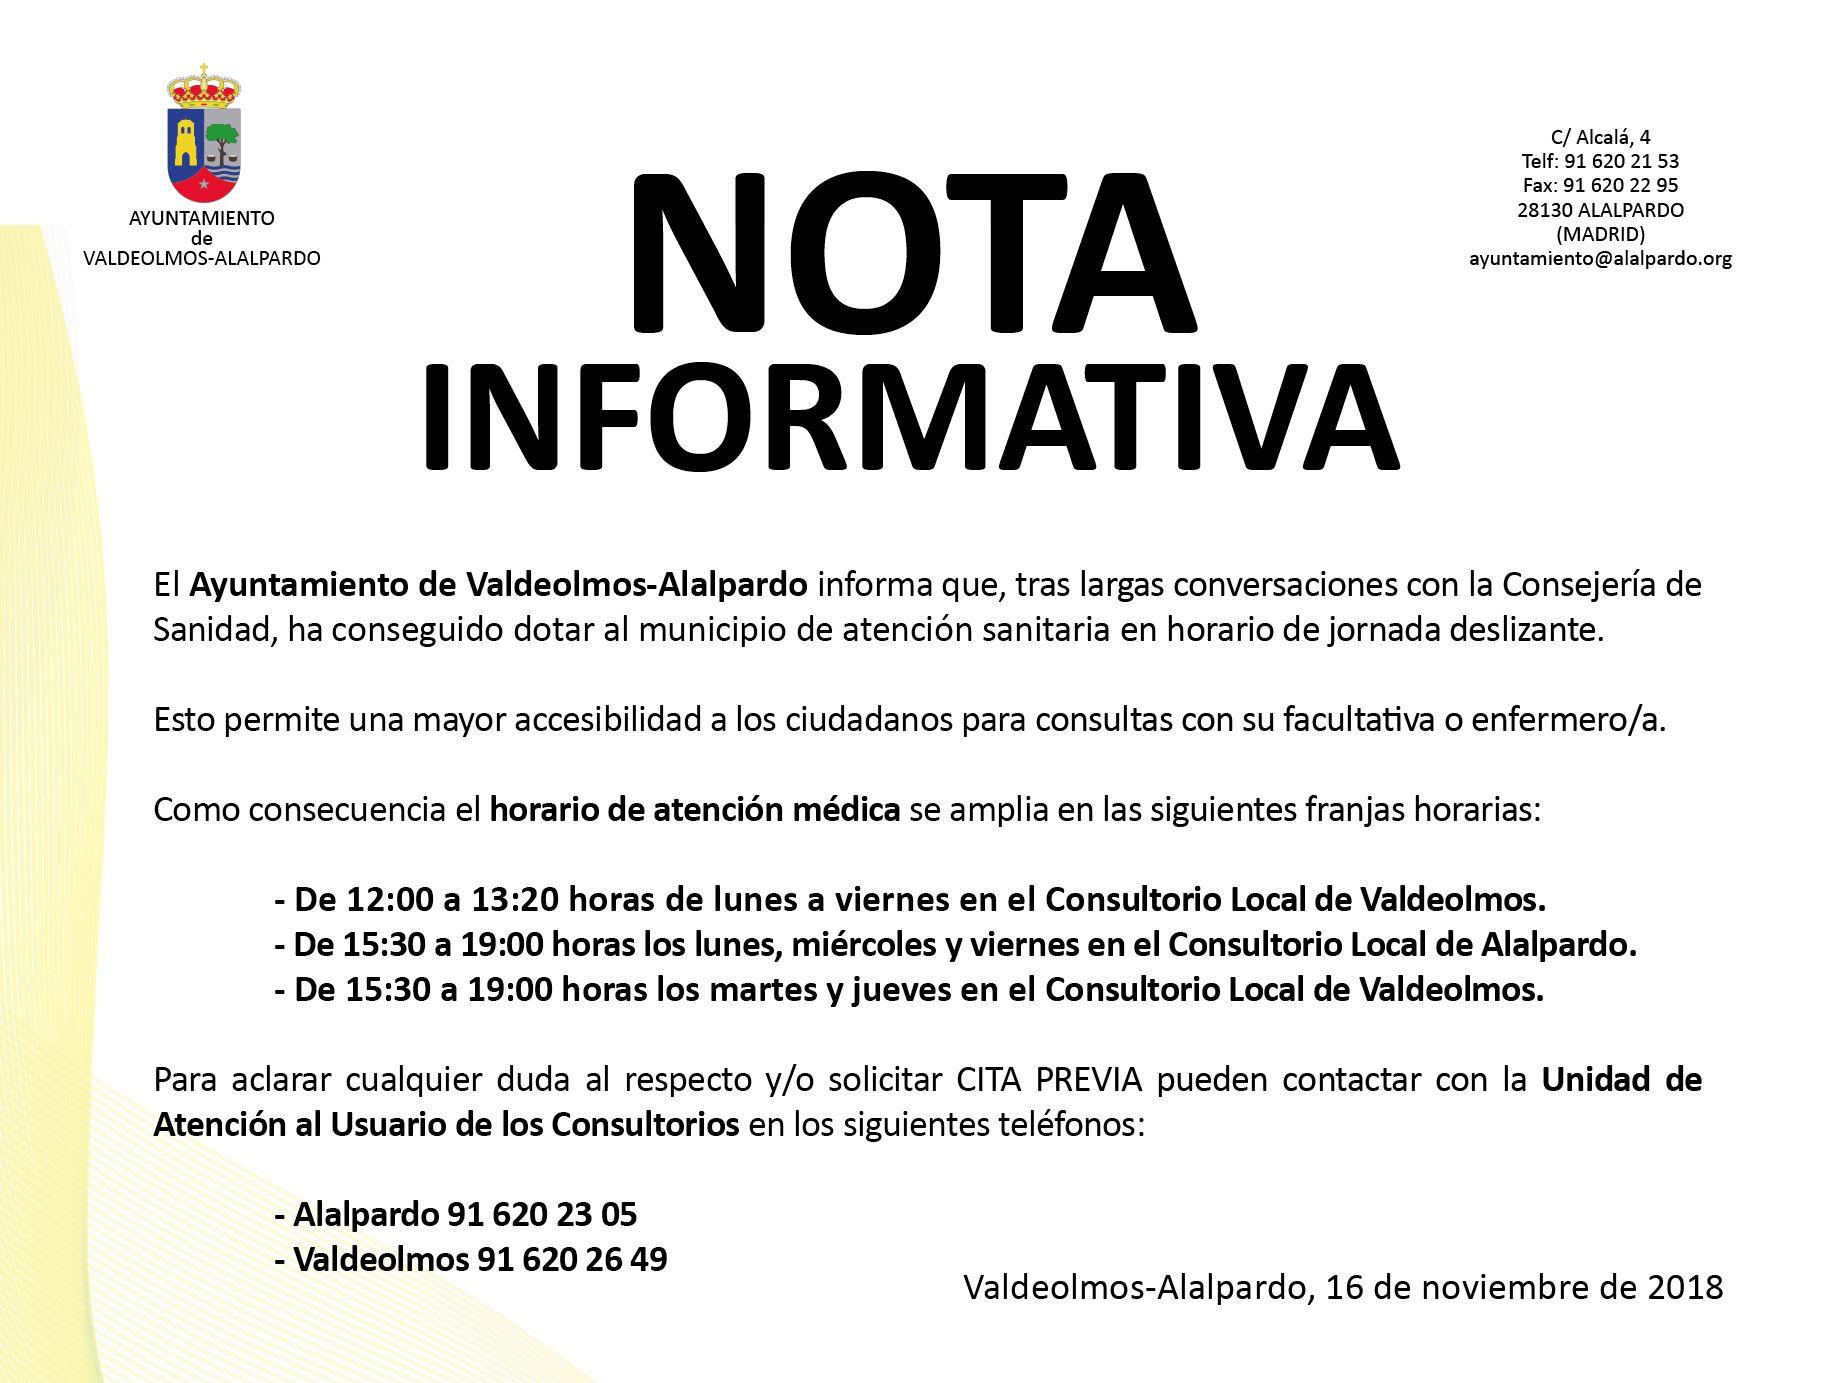 Nota Informativa - HORARIO DE ATENCIÓN MÉDICA